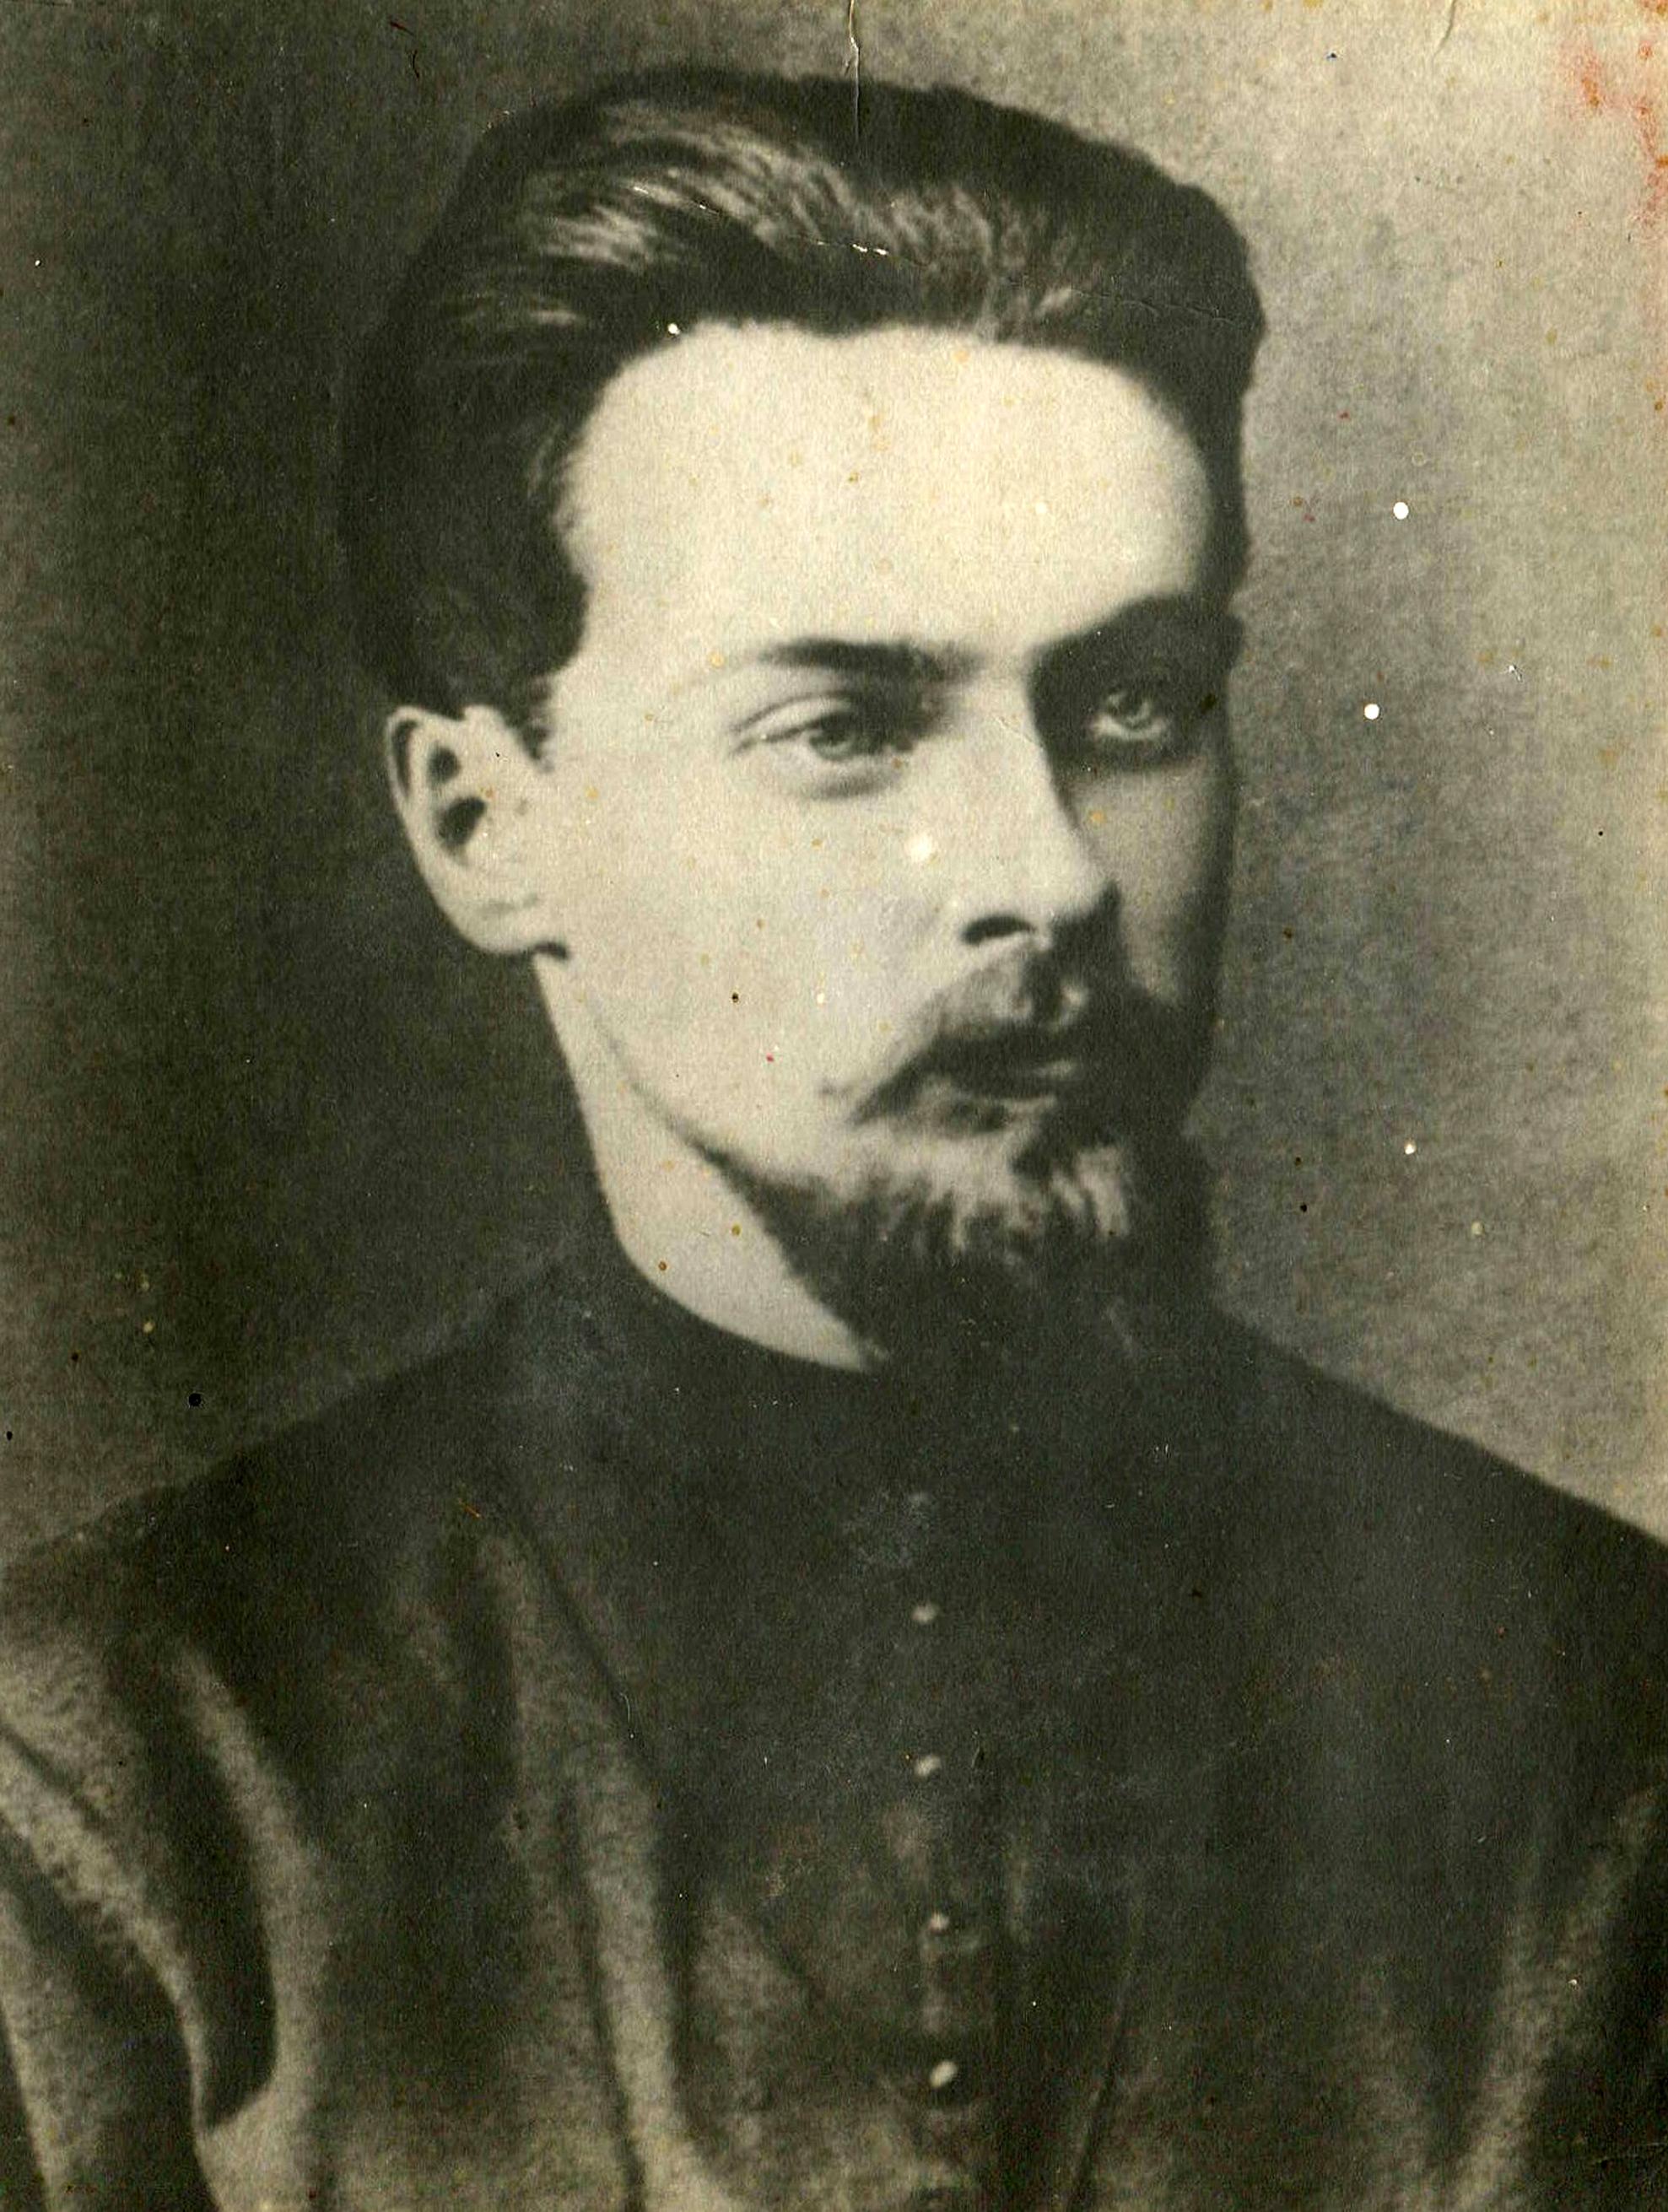 Скляренко Алексей Павлович (15 октября (6 ноября) 1869, Верный, ныне Алма-Ата — июль 1916, Петроград), организатор народнического кружка в Самаре, марксист